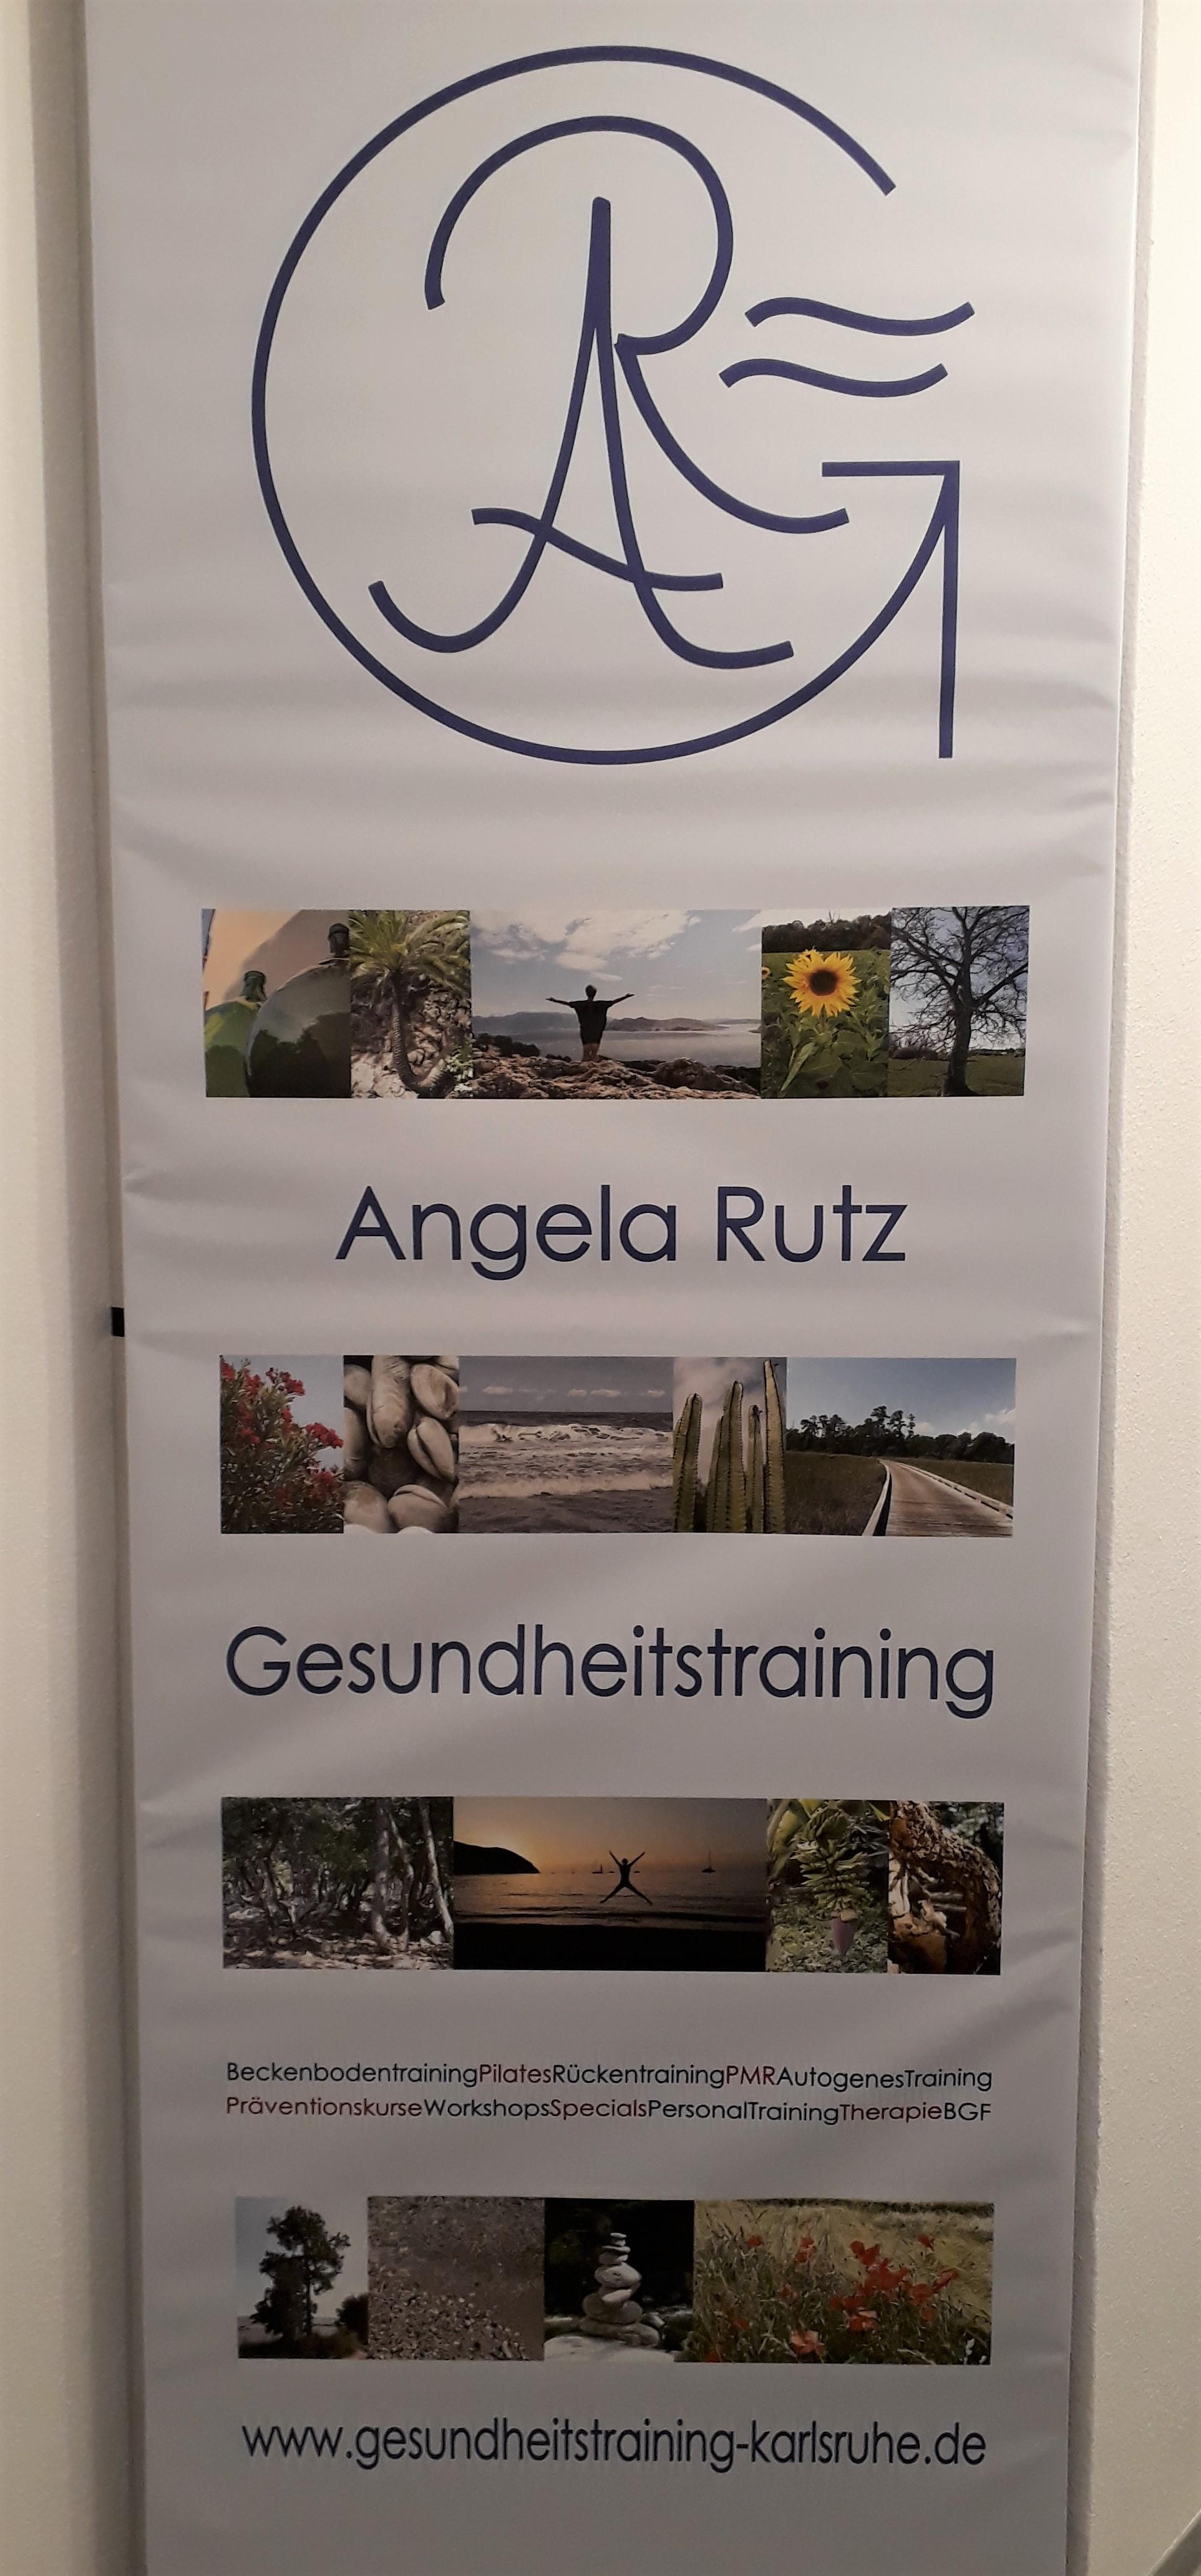 Angela Rutz - Gesundheitstraining Karlsruhe